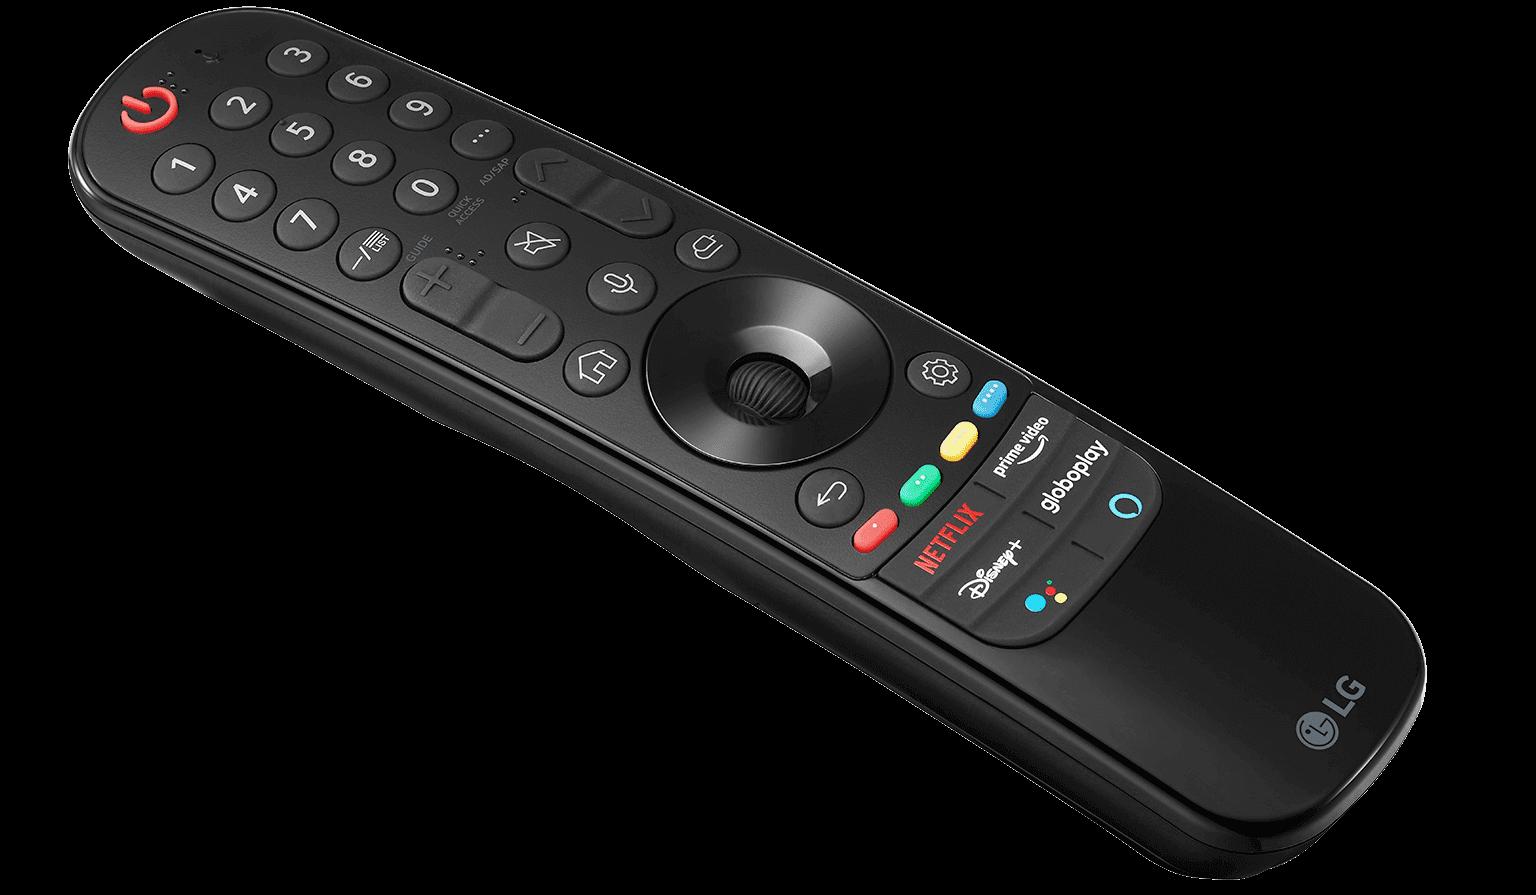 Smart Magic Remote